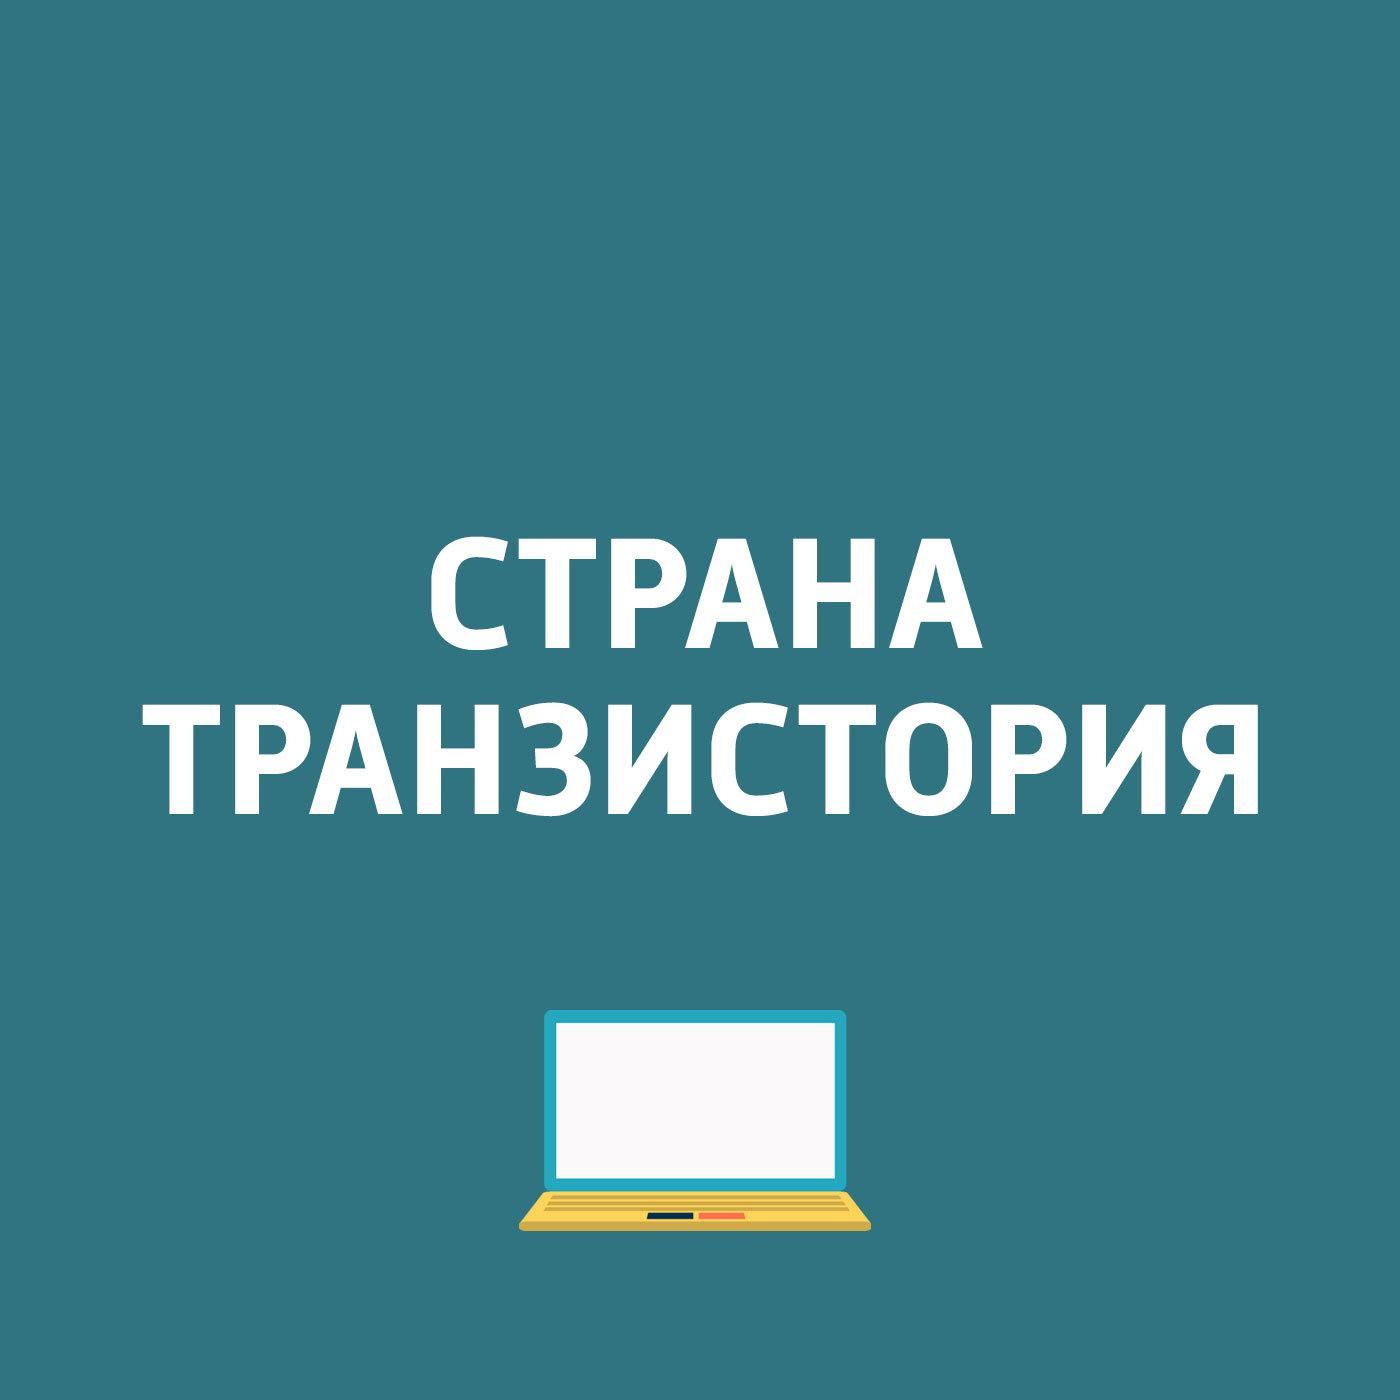 Картаев Павел Новинки от Google; ЦБ отключил  своей платежной системы банк «Финансовый капитал»...